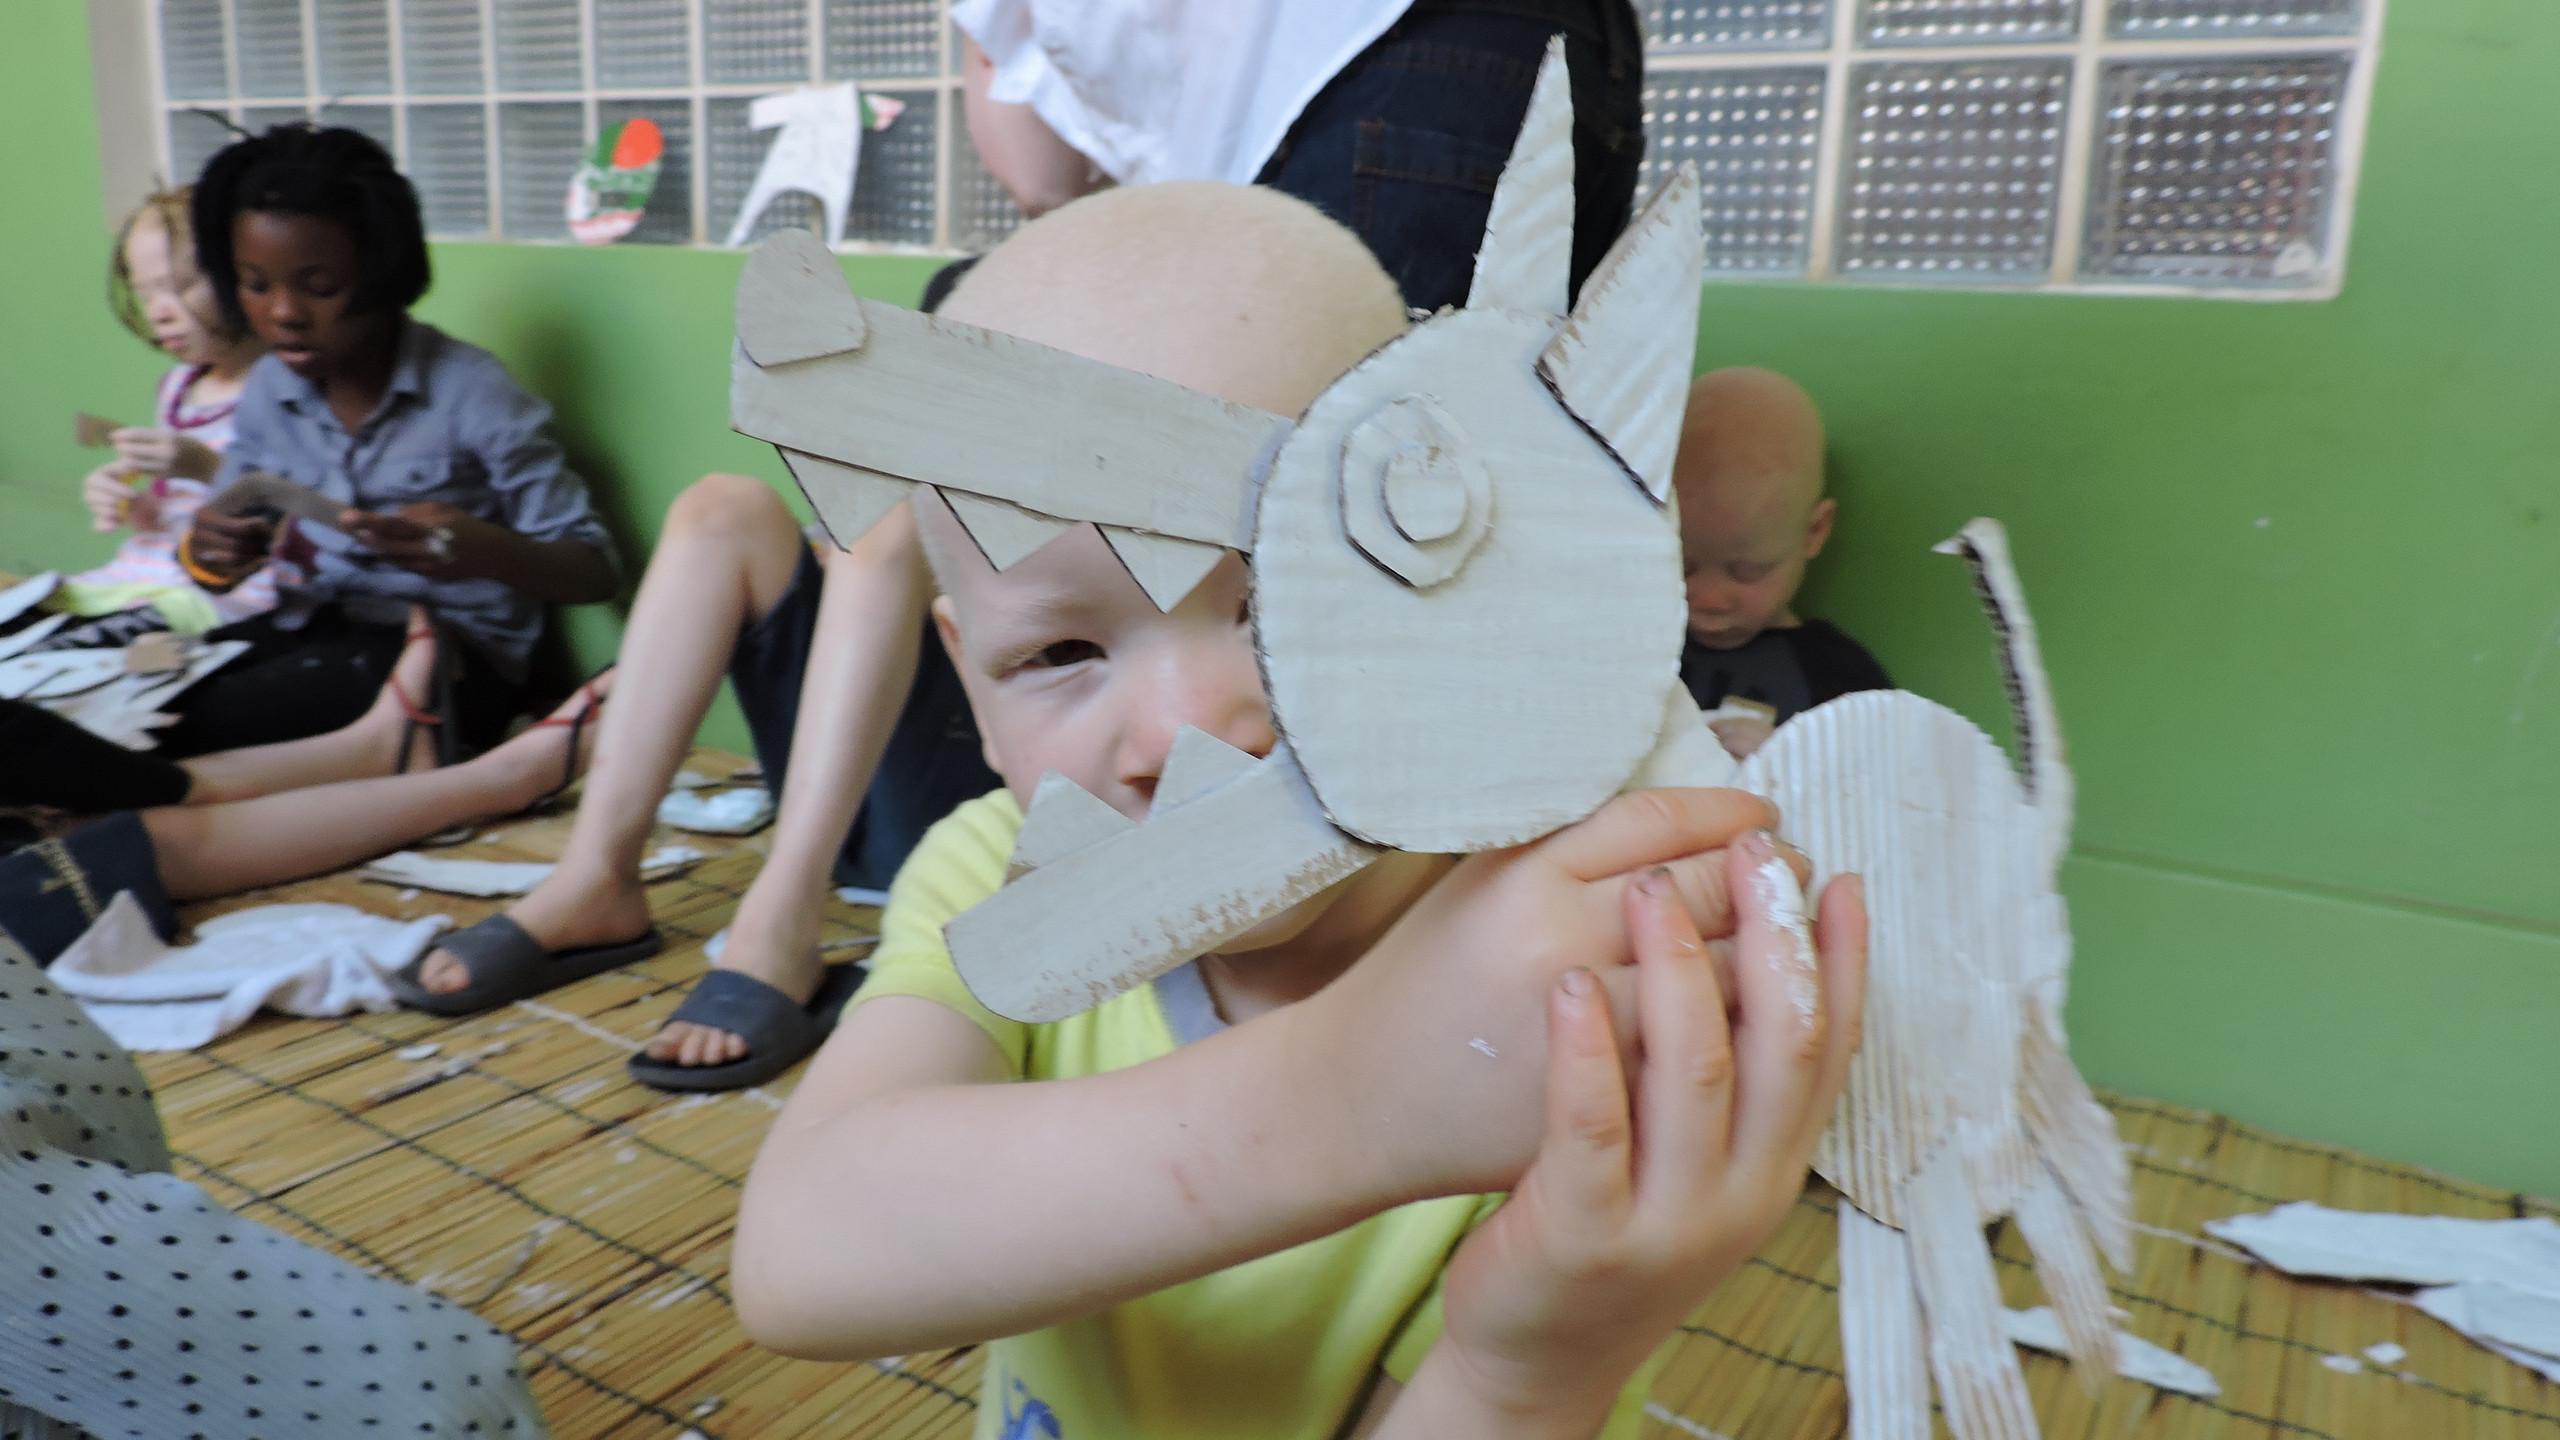 Carita de niño albino tras el cartón